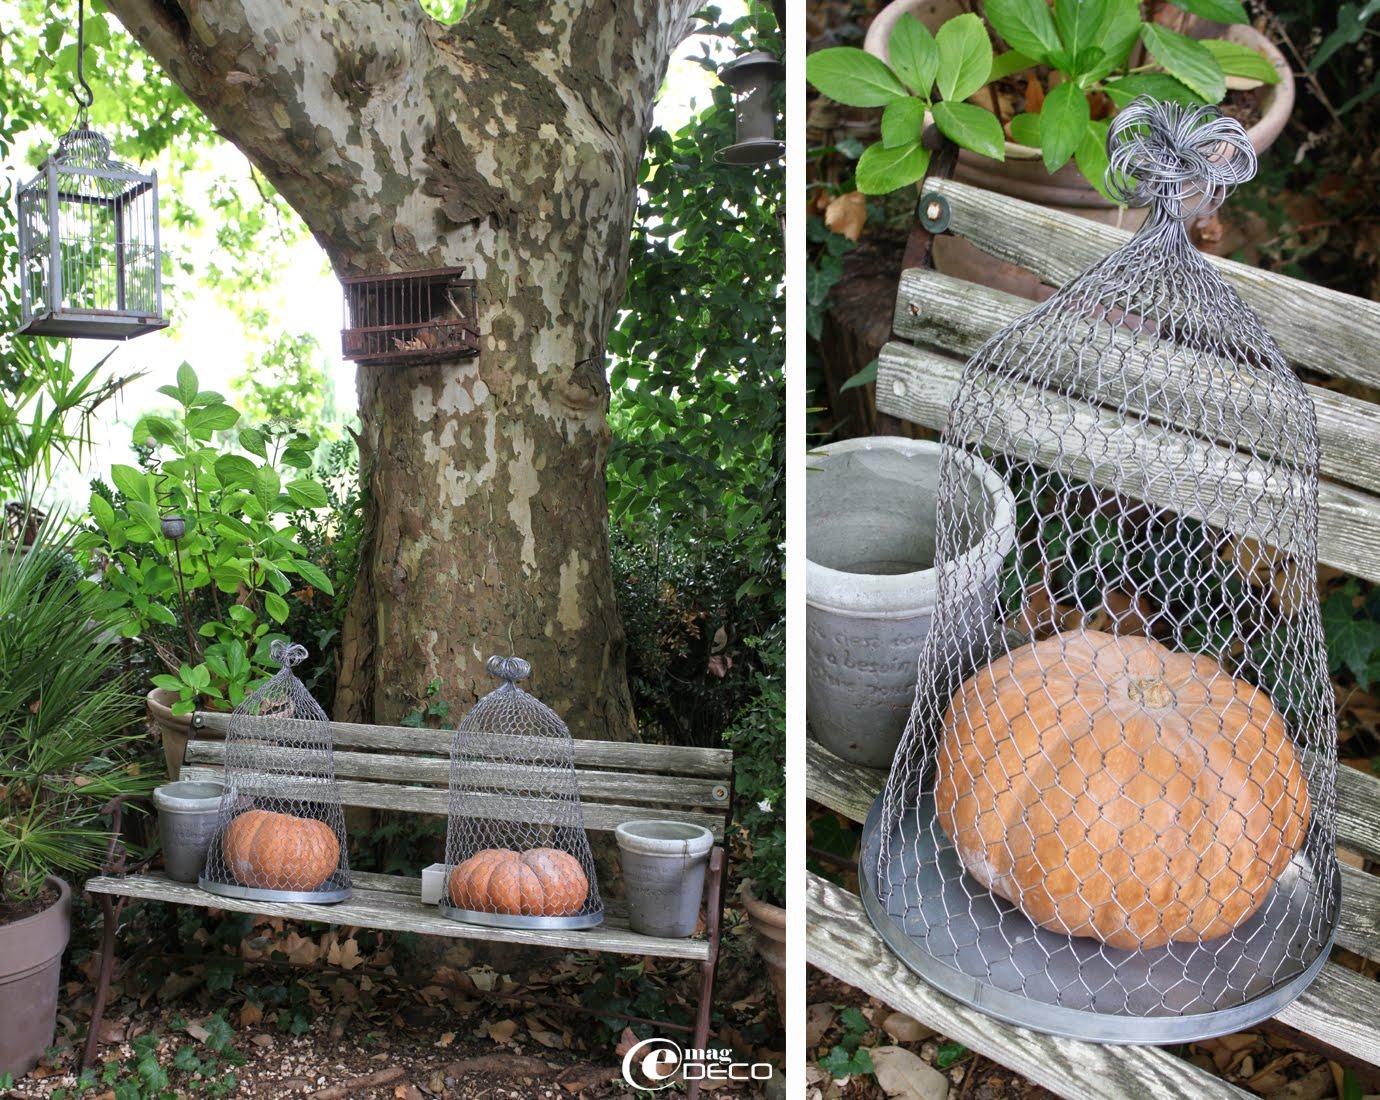 Cloches en grillage abritant des citrouilles, posées sur un banc dans le jardin d'Elsa Peyremorte